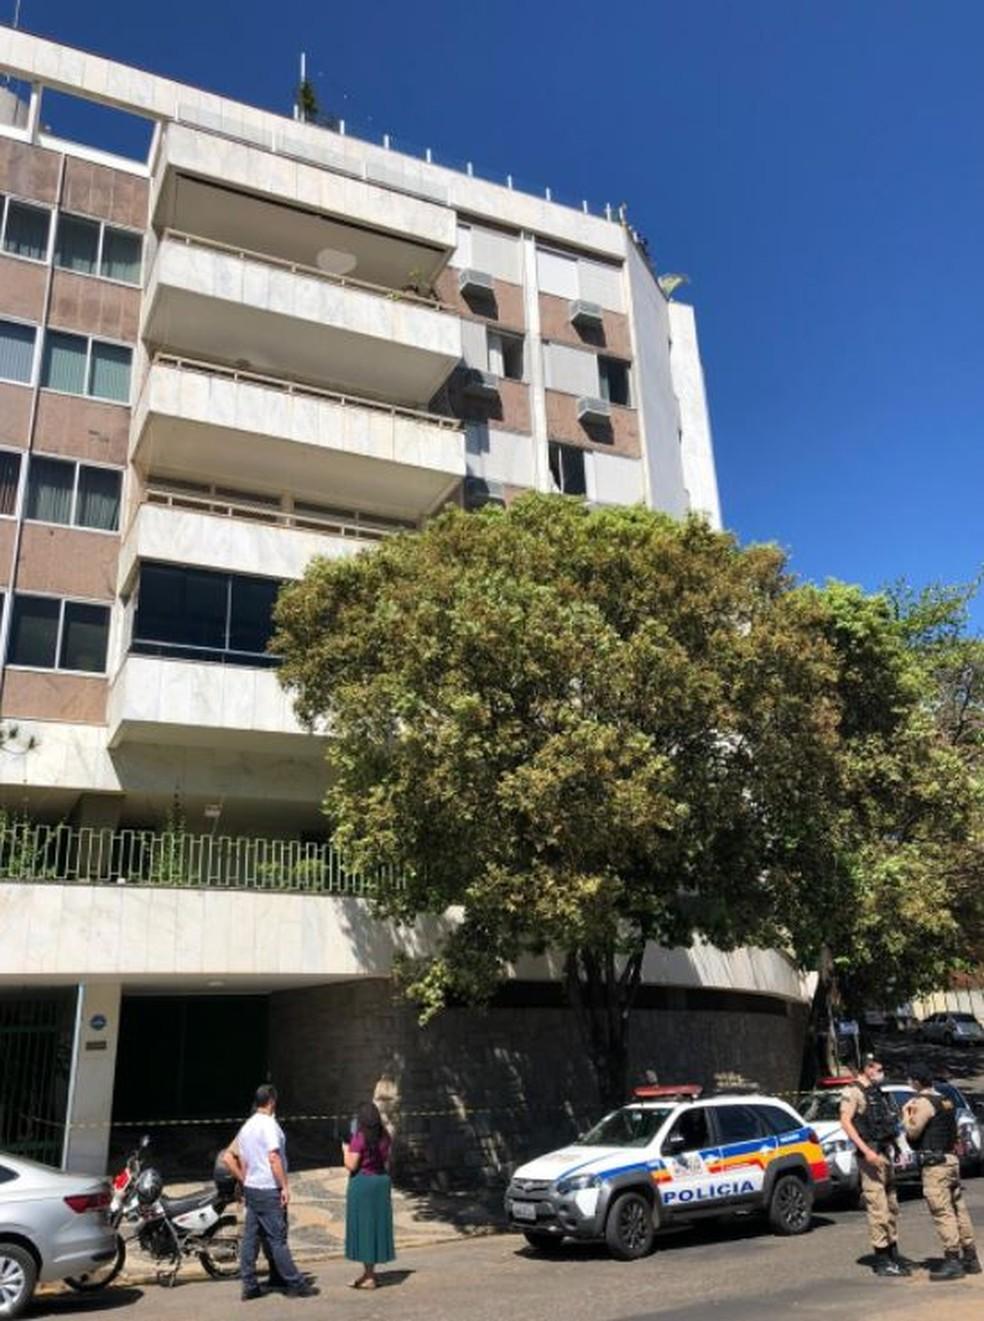 Fachada do prédio onde a criança caiu, em Belo Horizonte — Foto: Danilo Girundi/TV Globo